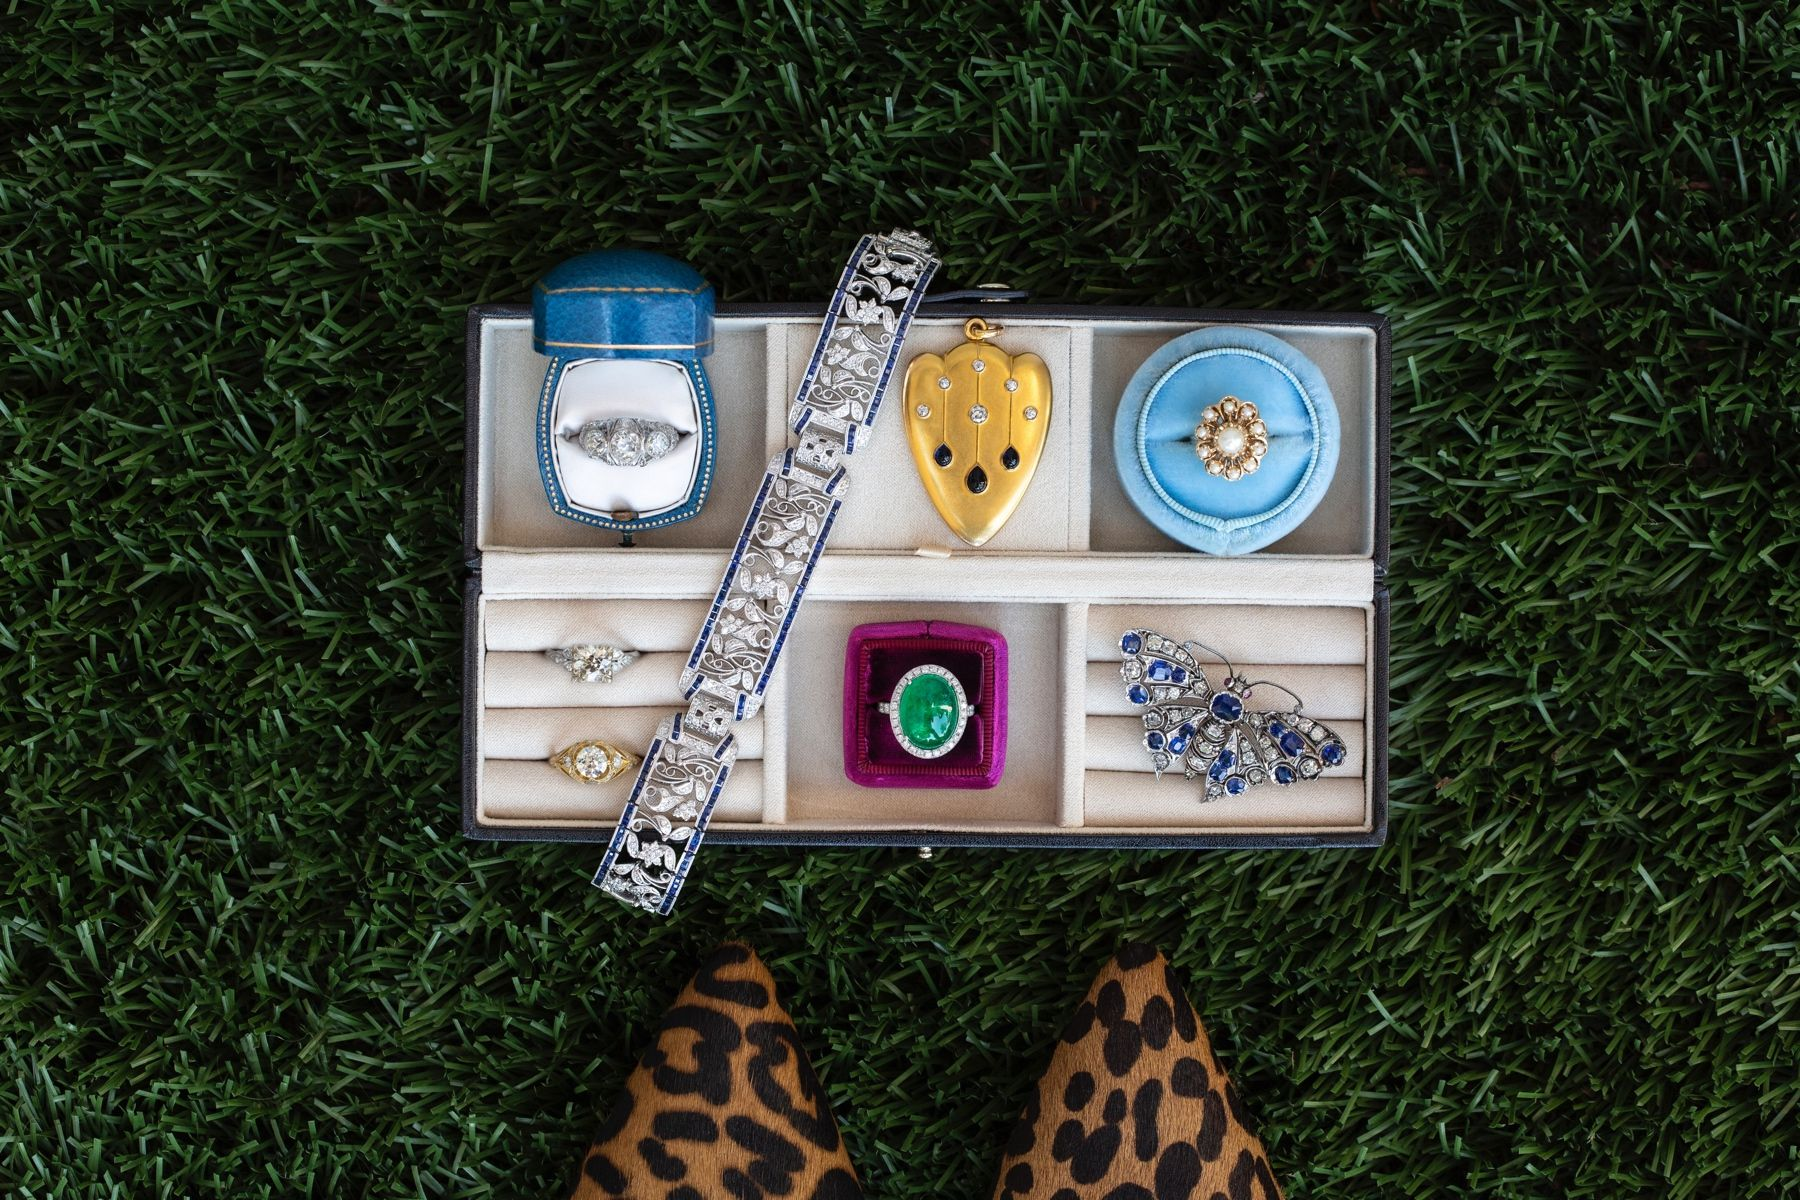 13+ Baileys jewelry rocky mount info